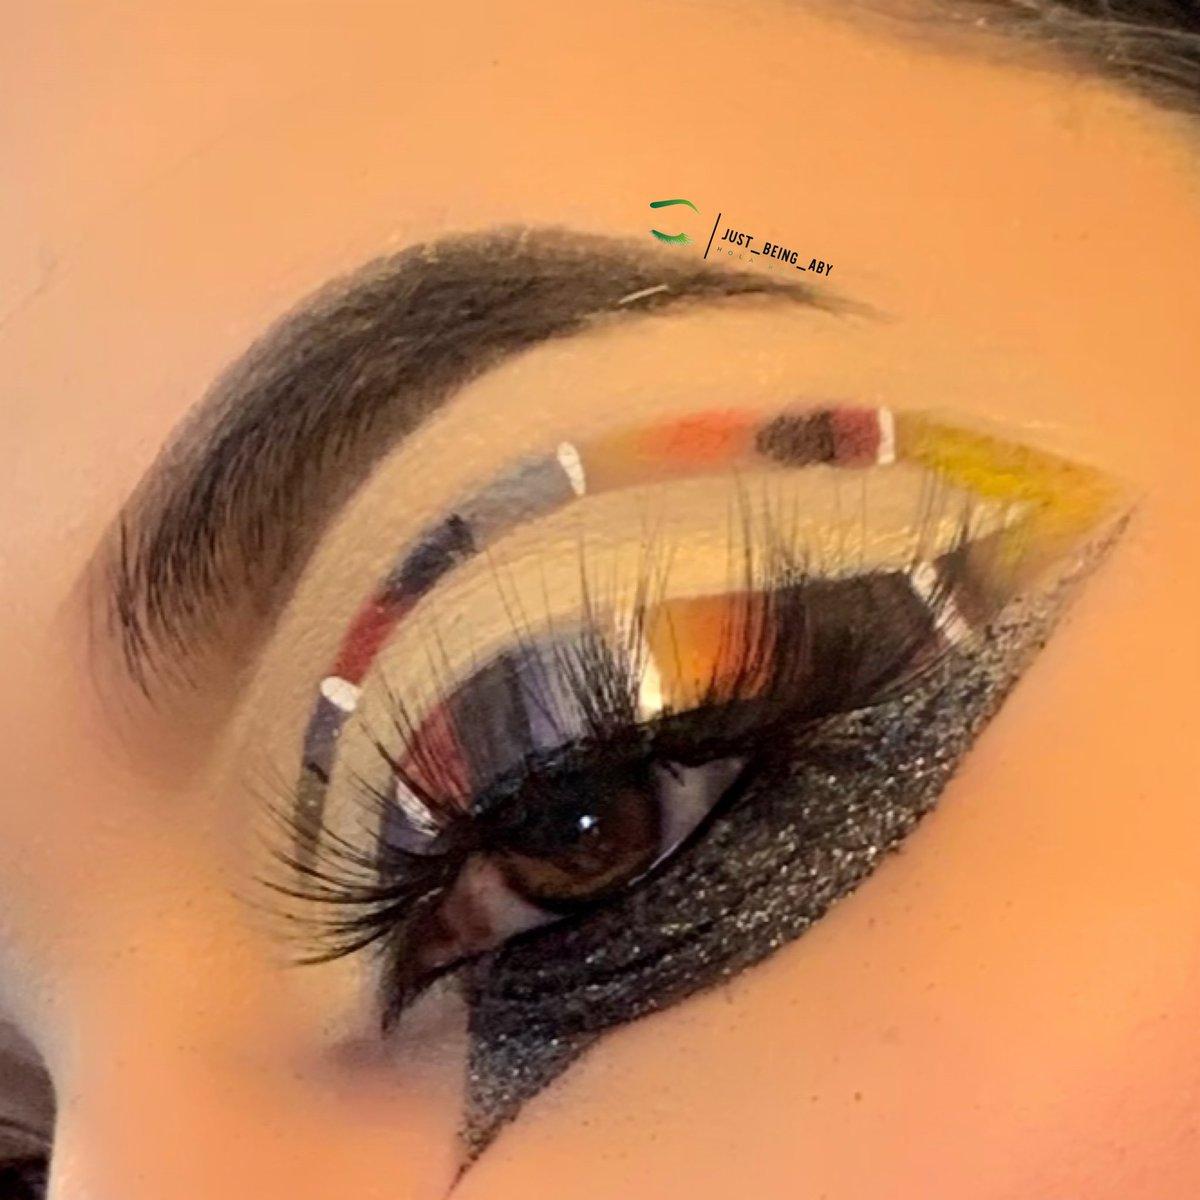 GUEY ES CINCO DE MAYO YA!!!!  Un tragito amargo   Productos: @JeffreeStar #jawbreaker @ABHcosmetics #dipbrowpomade Y la mera mera Mamacitas Cosmetics #glitterpic.twitter.com/u8HBvpRZH6